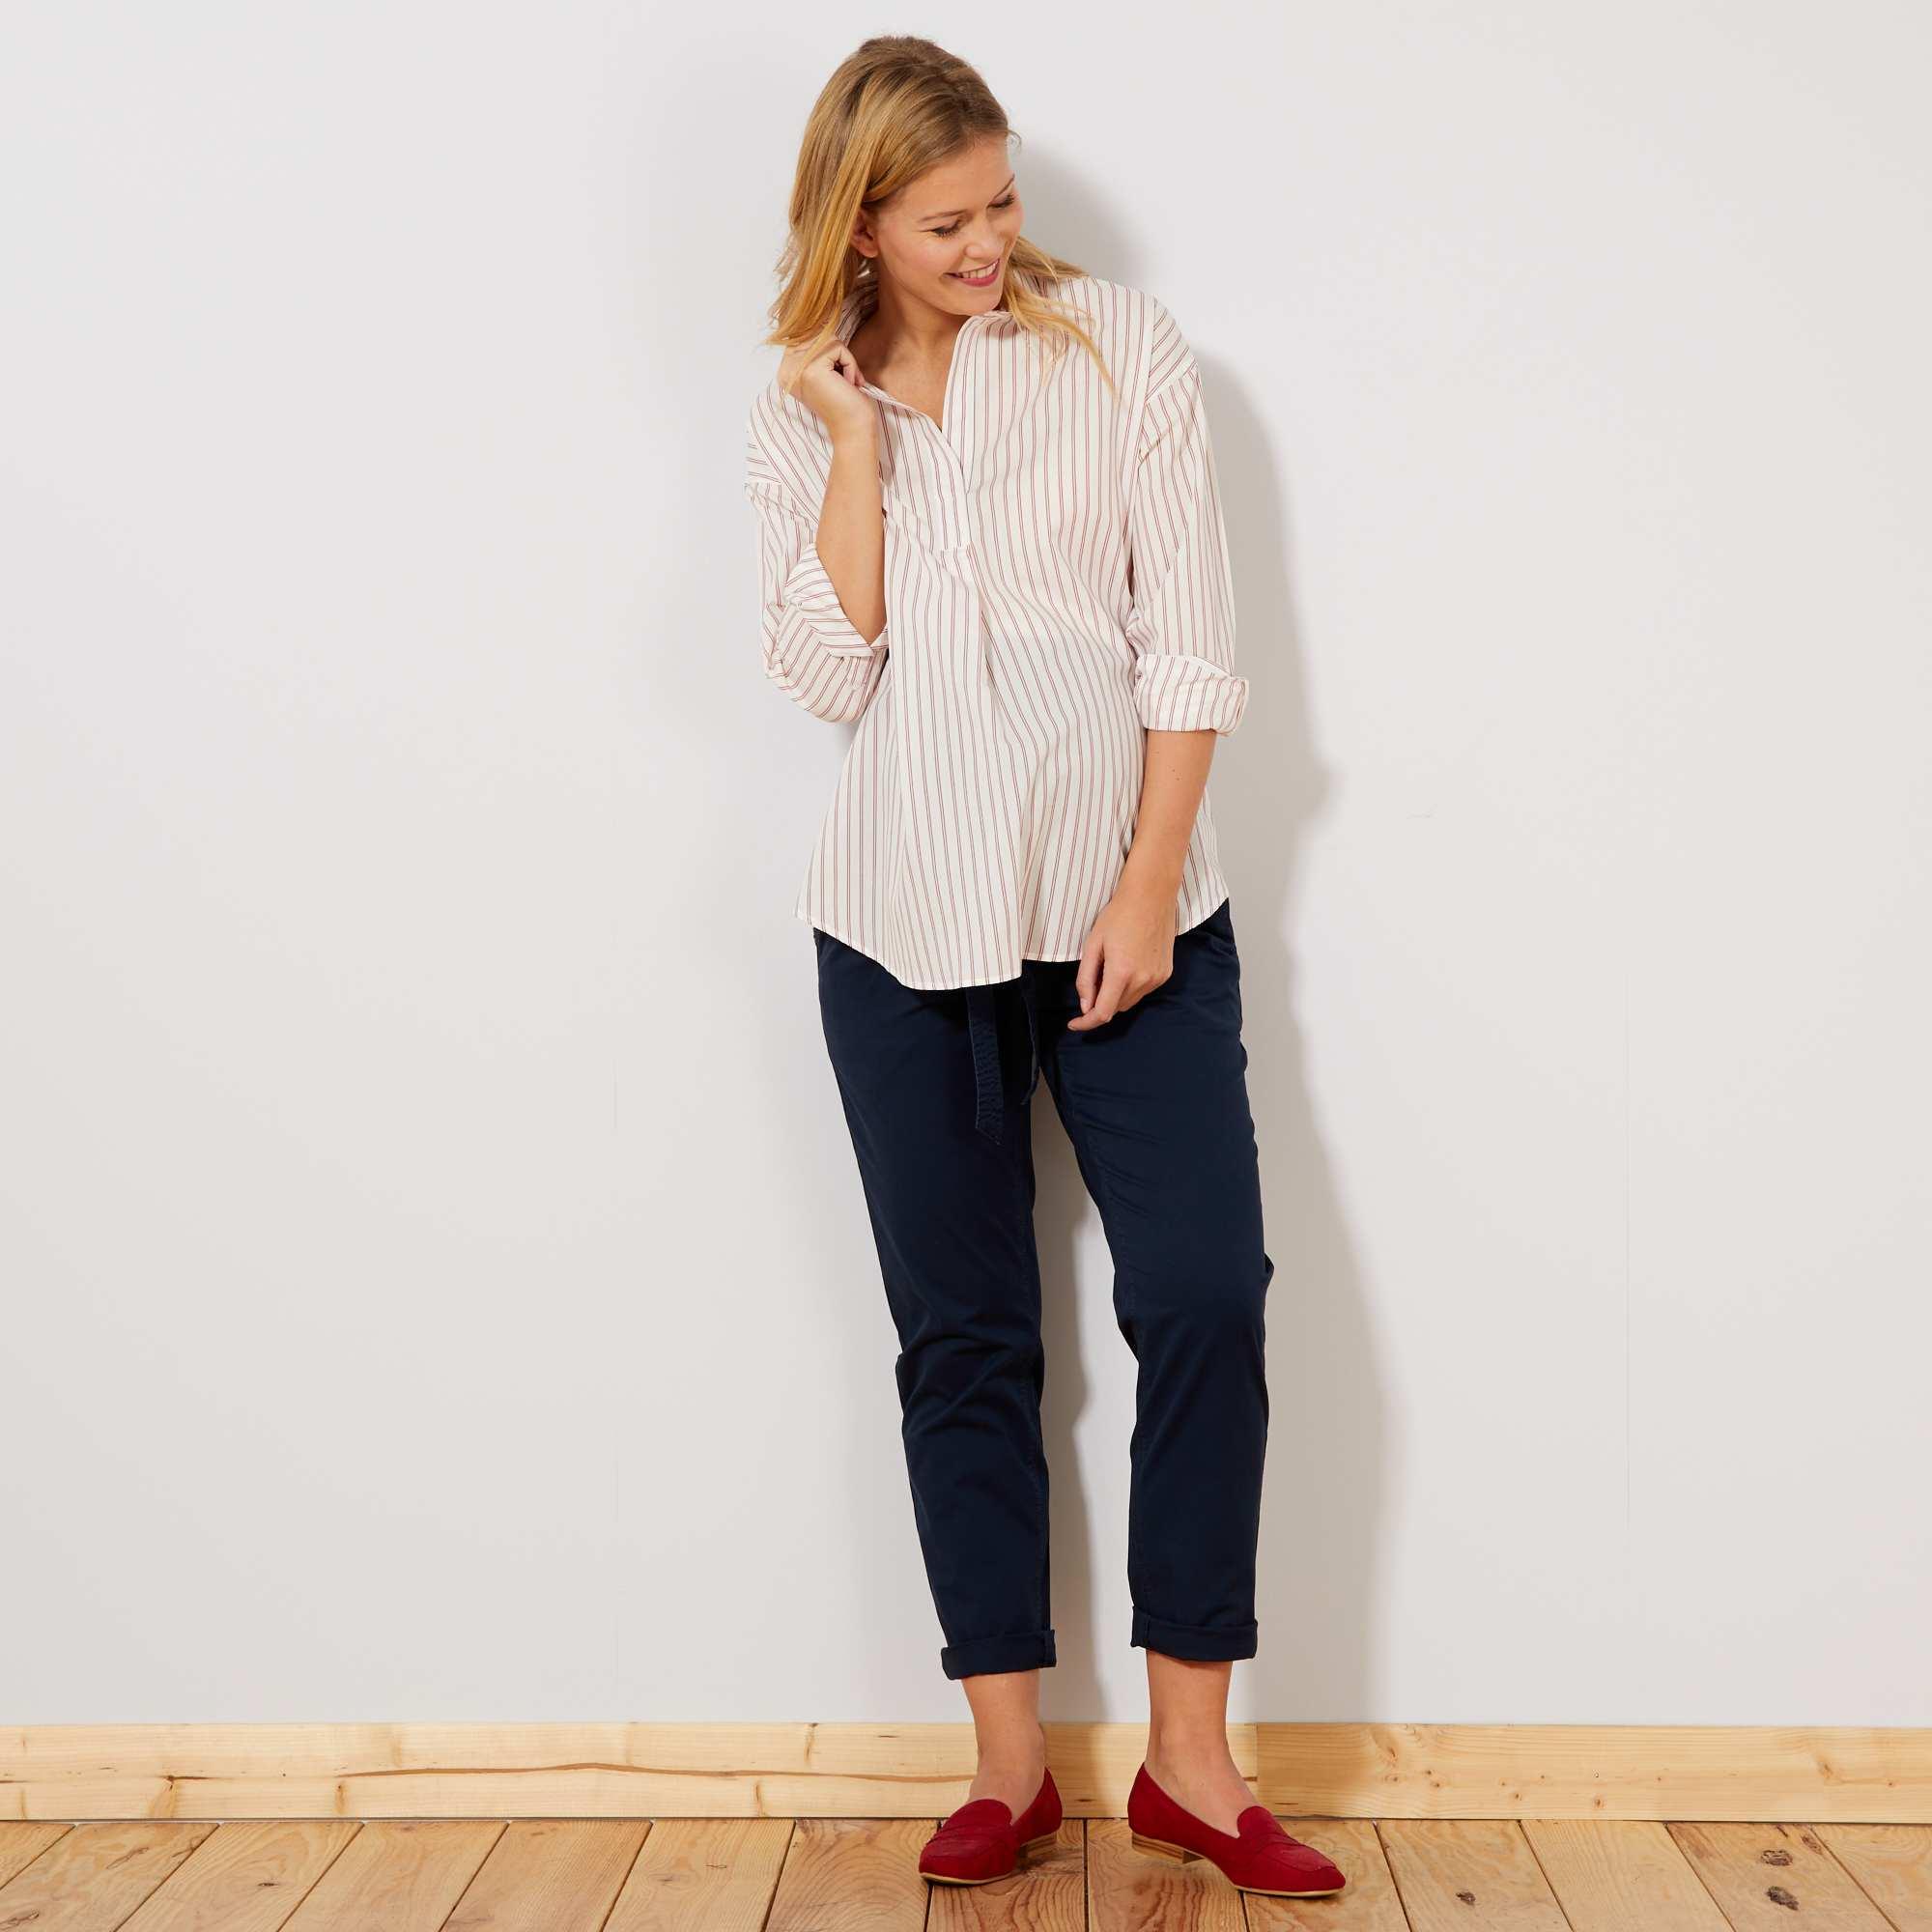 7b12d9dab5 Pantalón chino + cinturón Mujer talla 34 a 48 - azul - Kiabi - 25